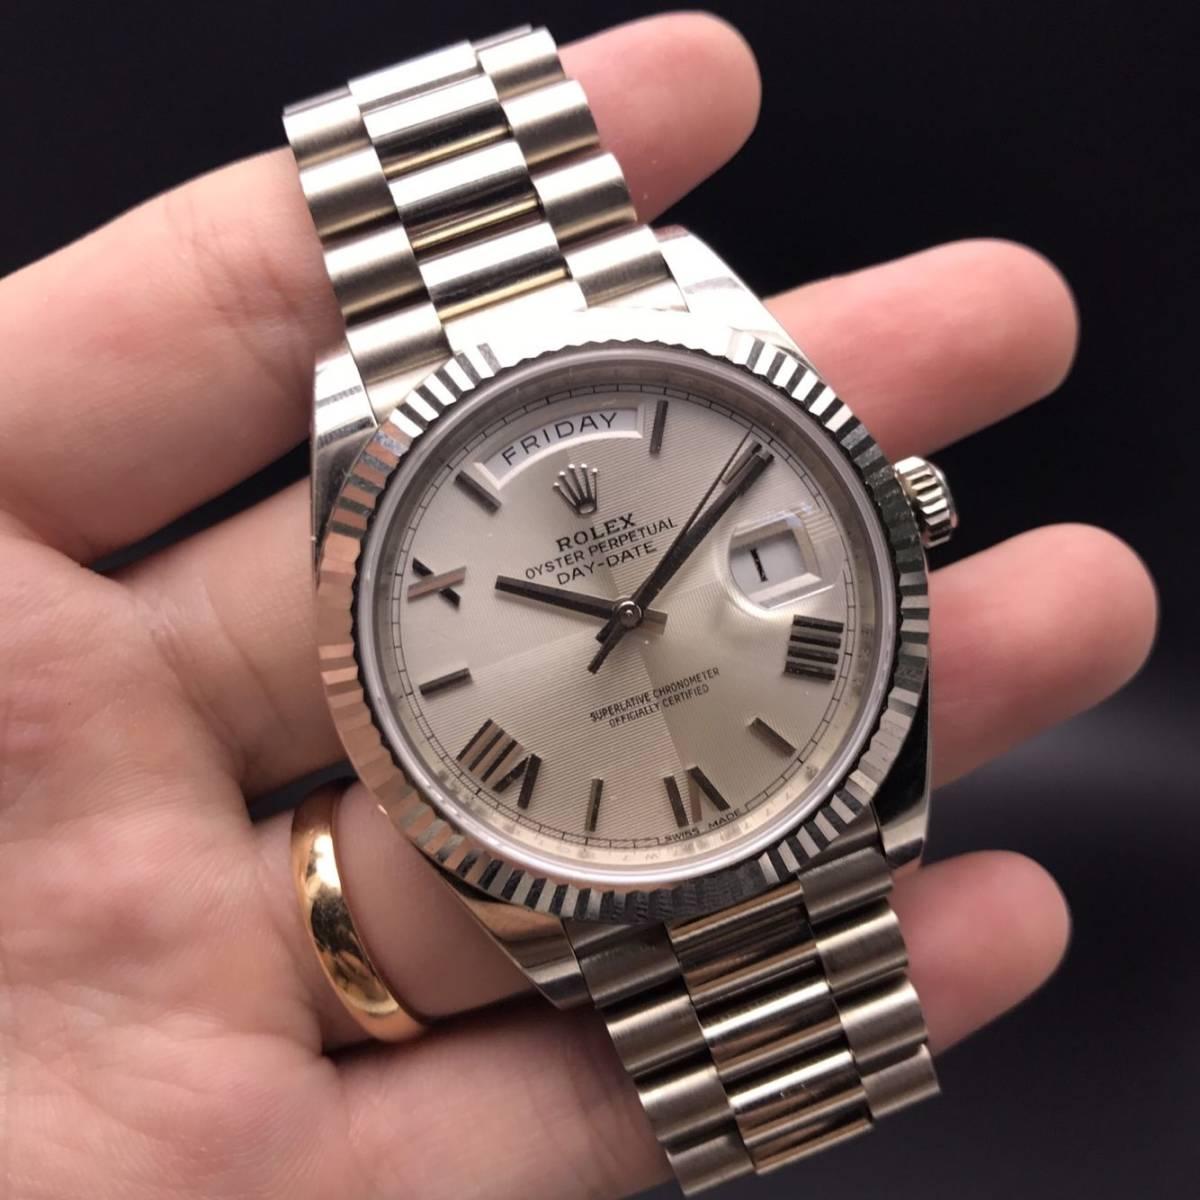 quality design 9f60b 9aee3 新品】ロレックス ROLEX デイデイト40 228239 新品 時計 [メンズ ...